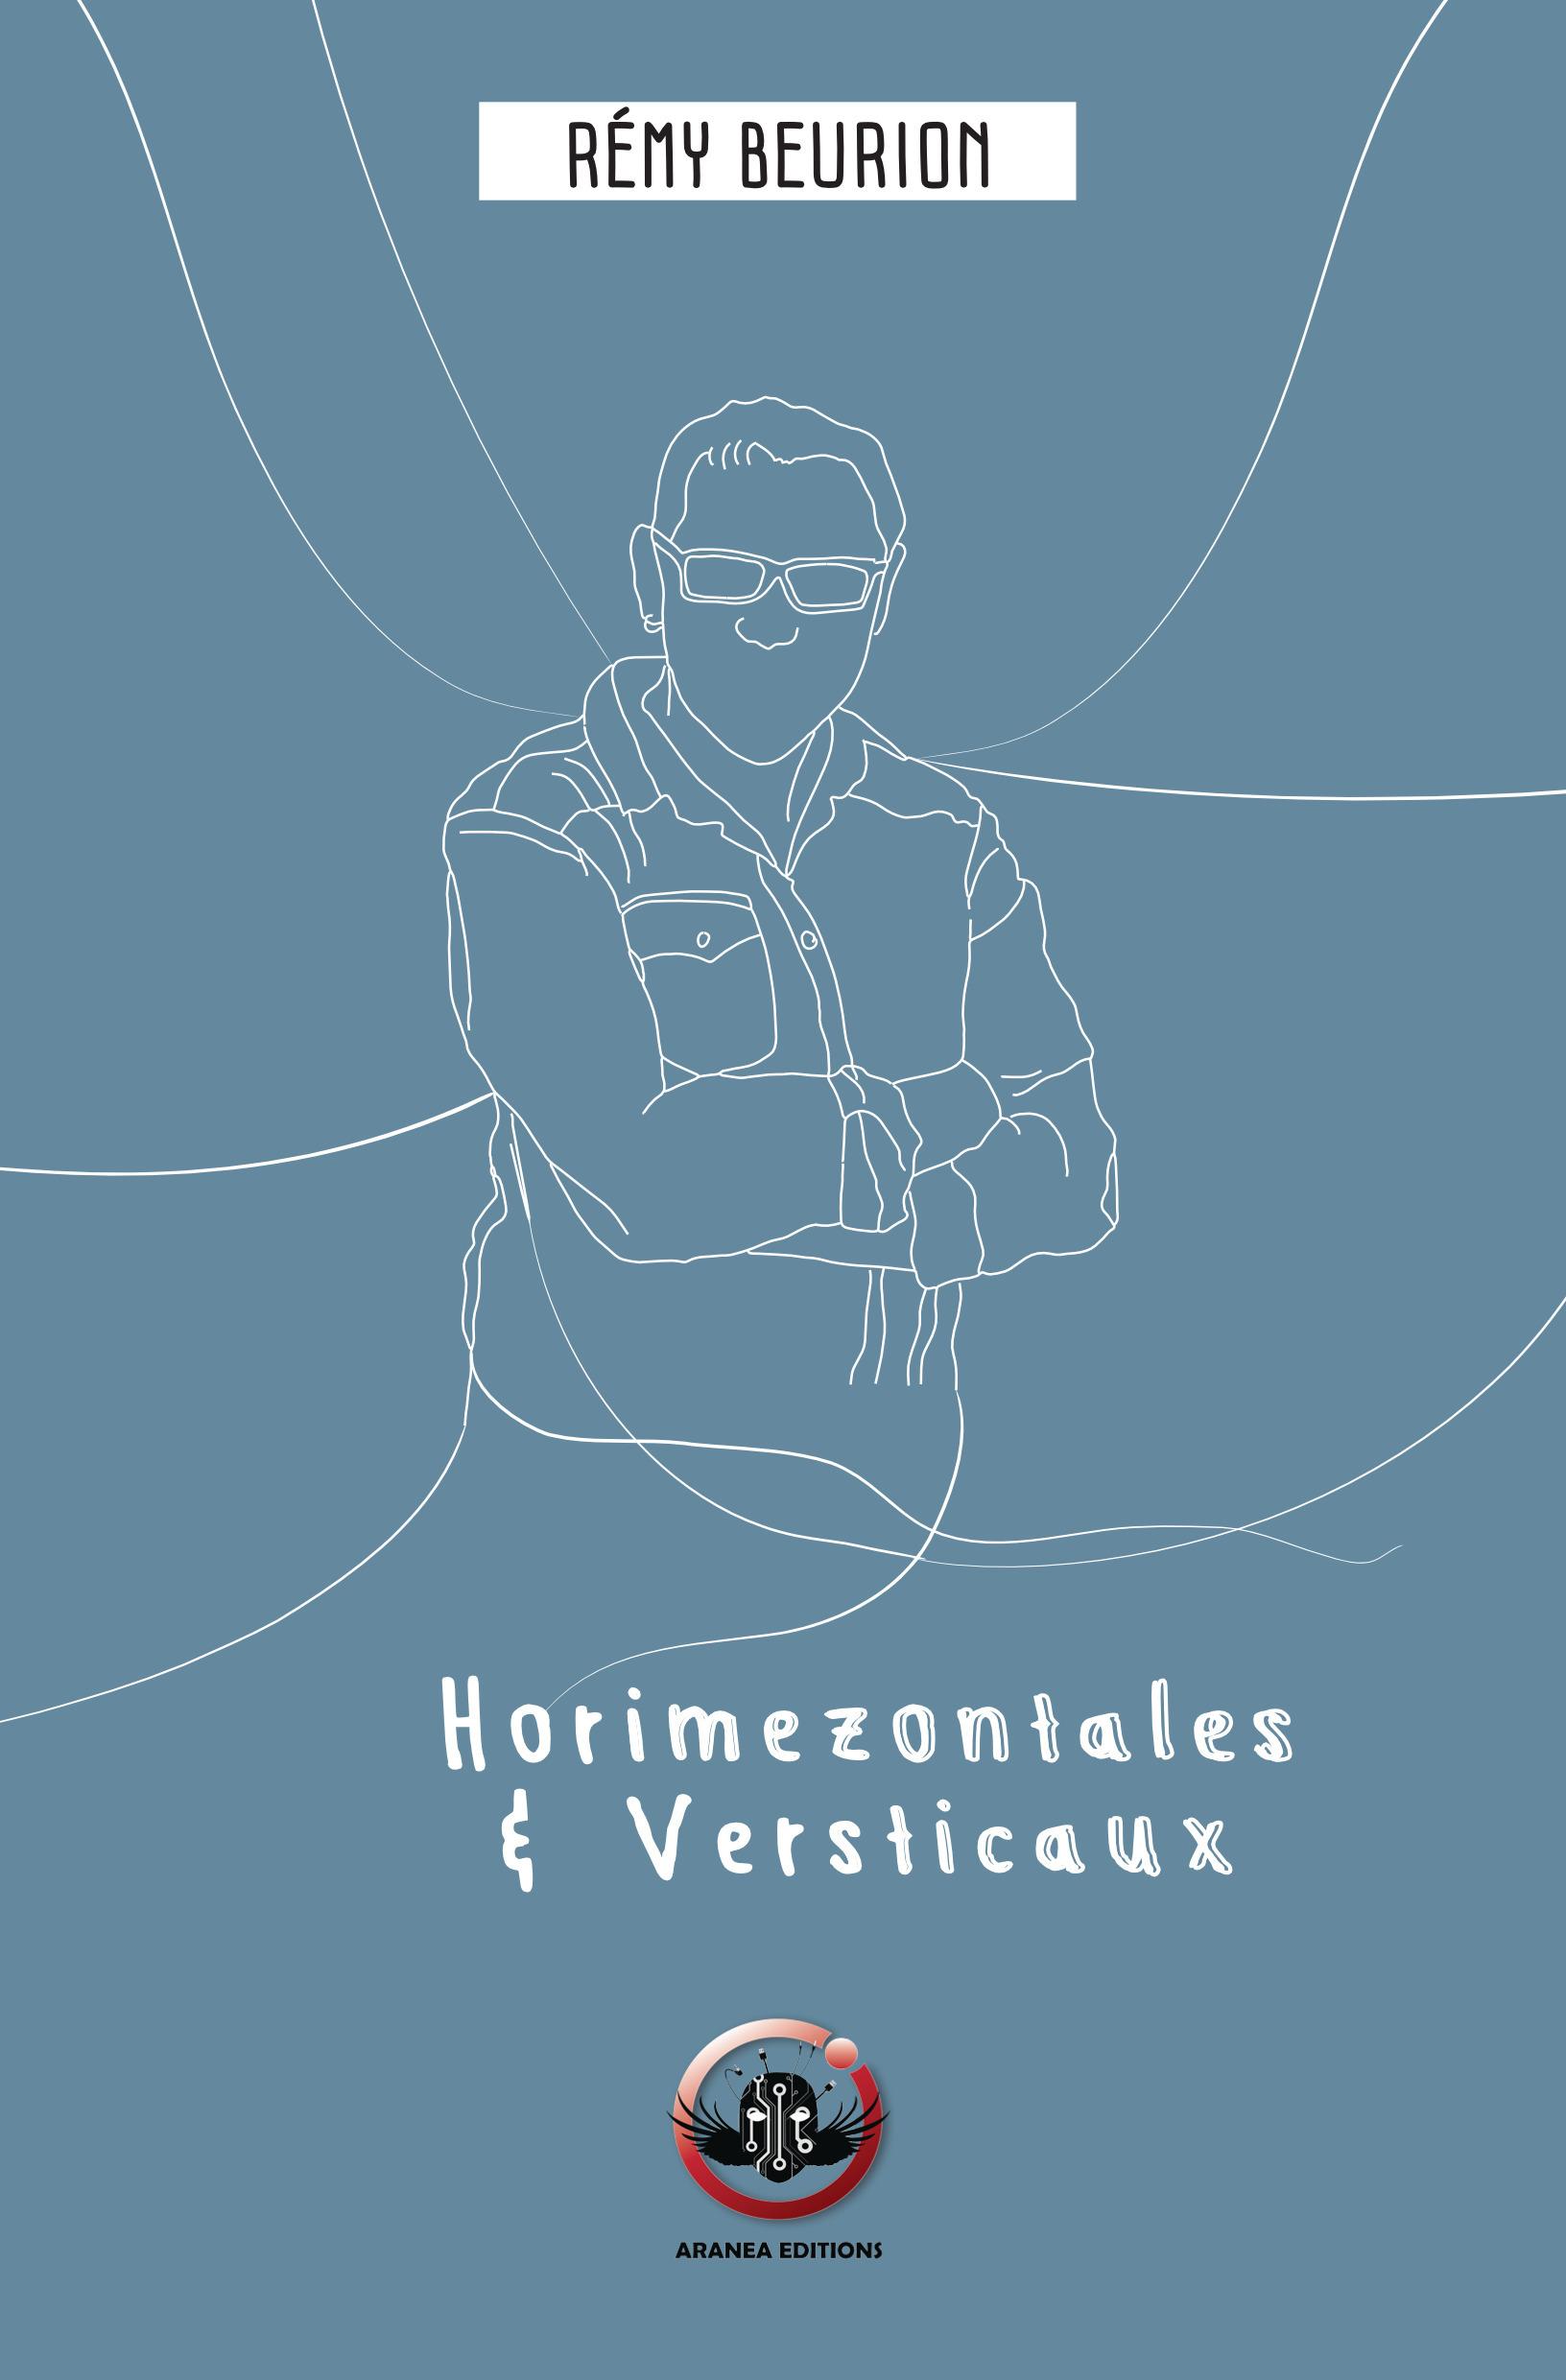 Horimezontales & Versticaux